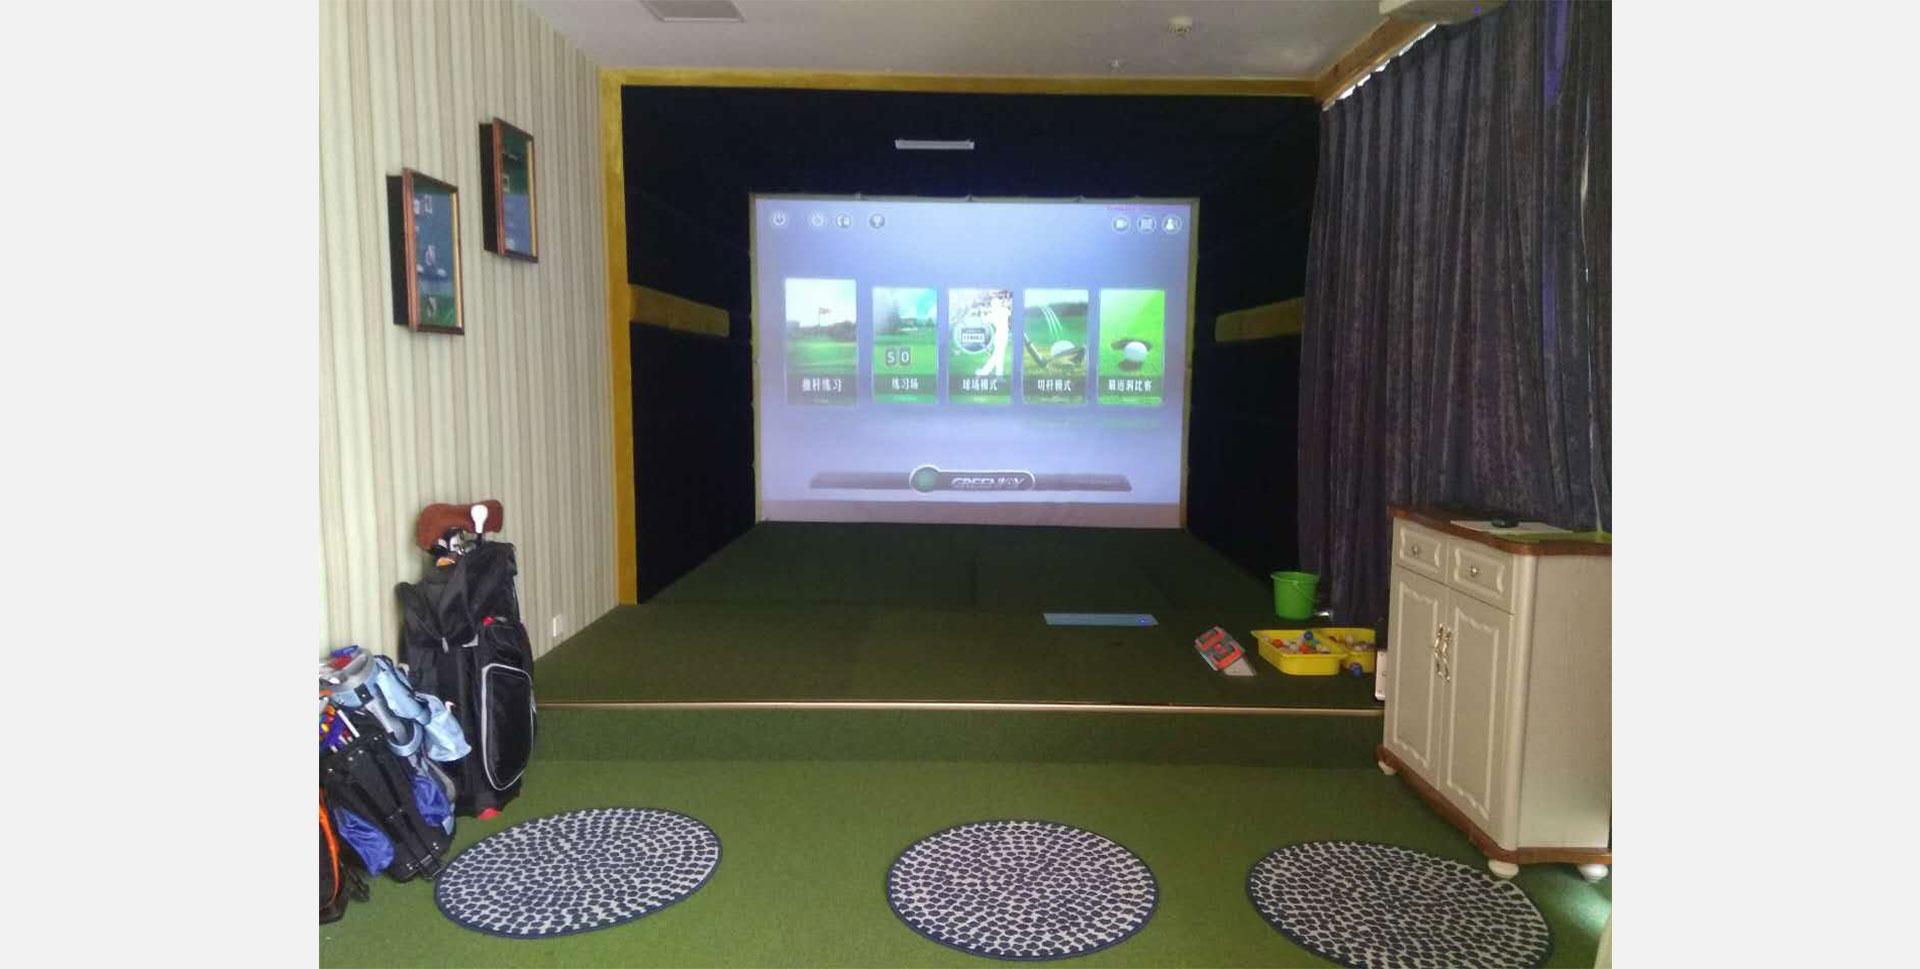 高尔夫进校园橄榄树幼儿园.jpg